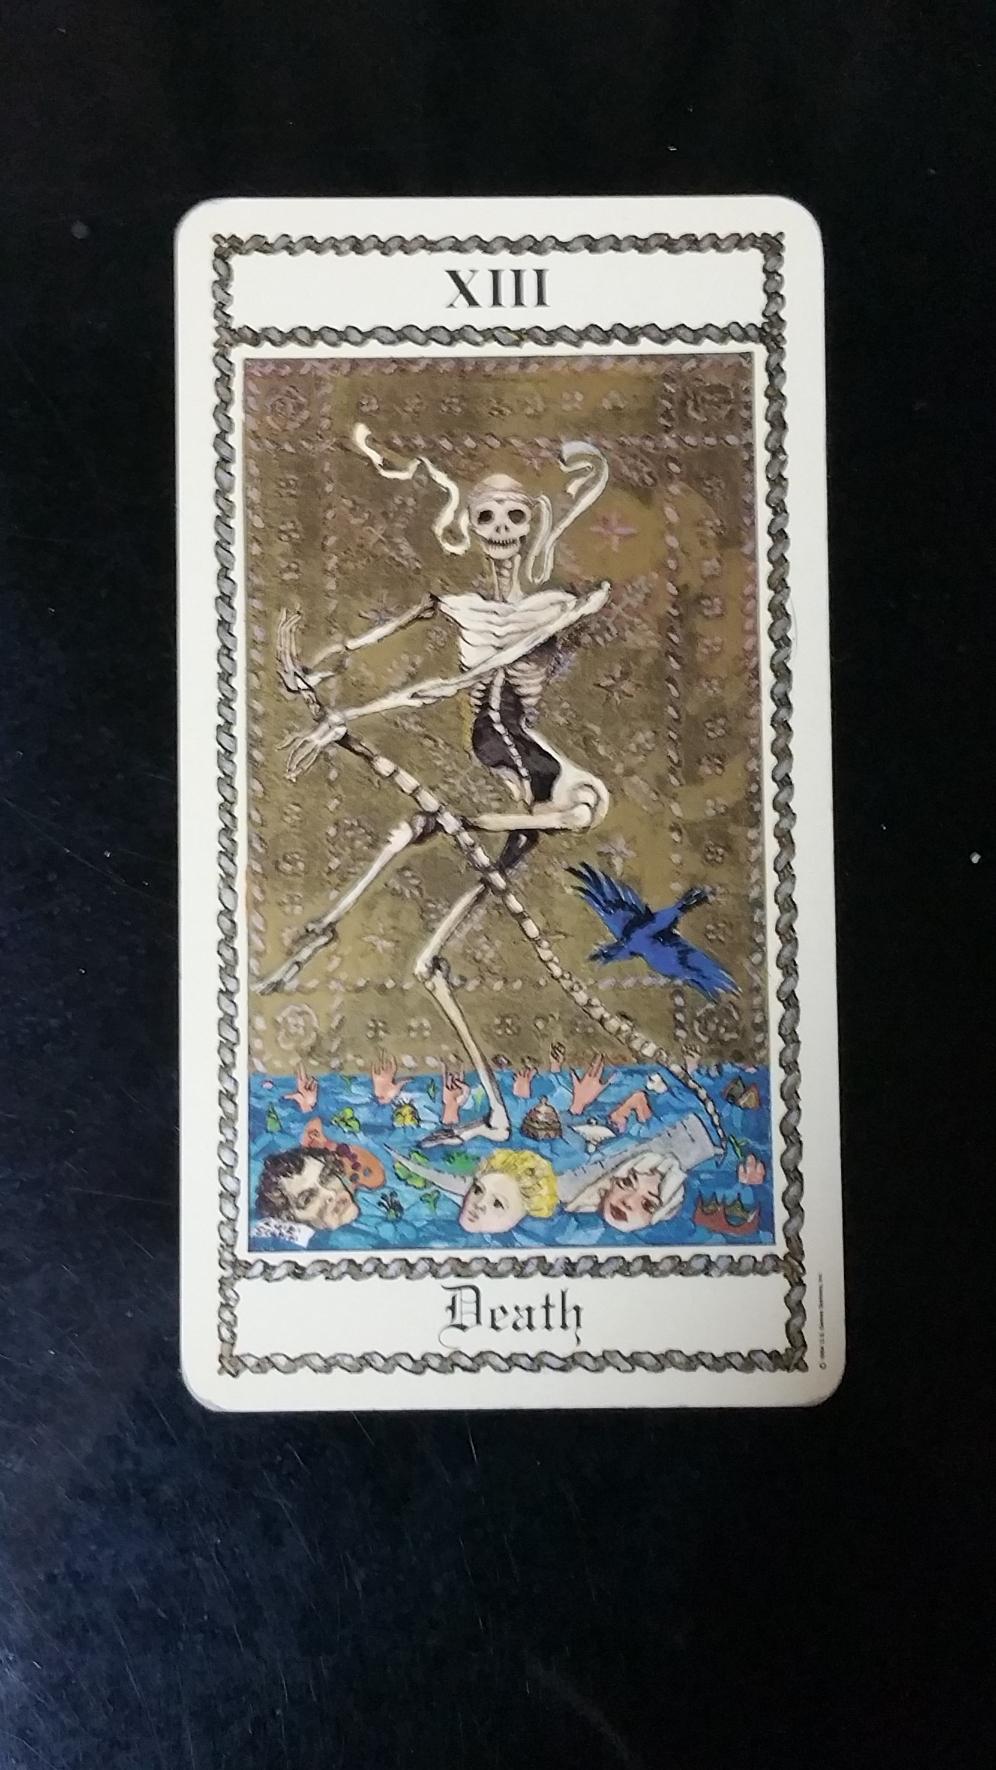 死神は実は新しい幕開けを示すカード